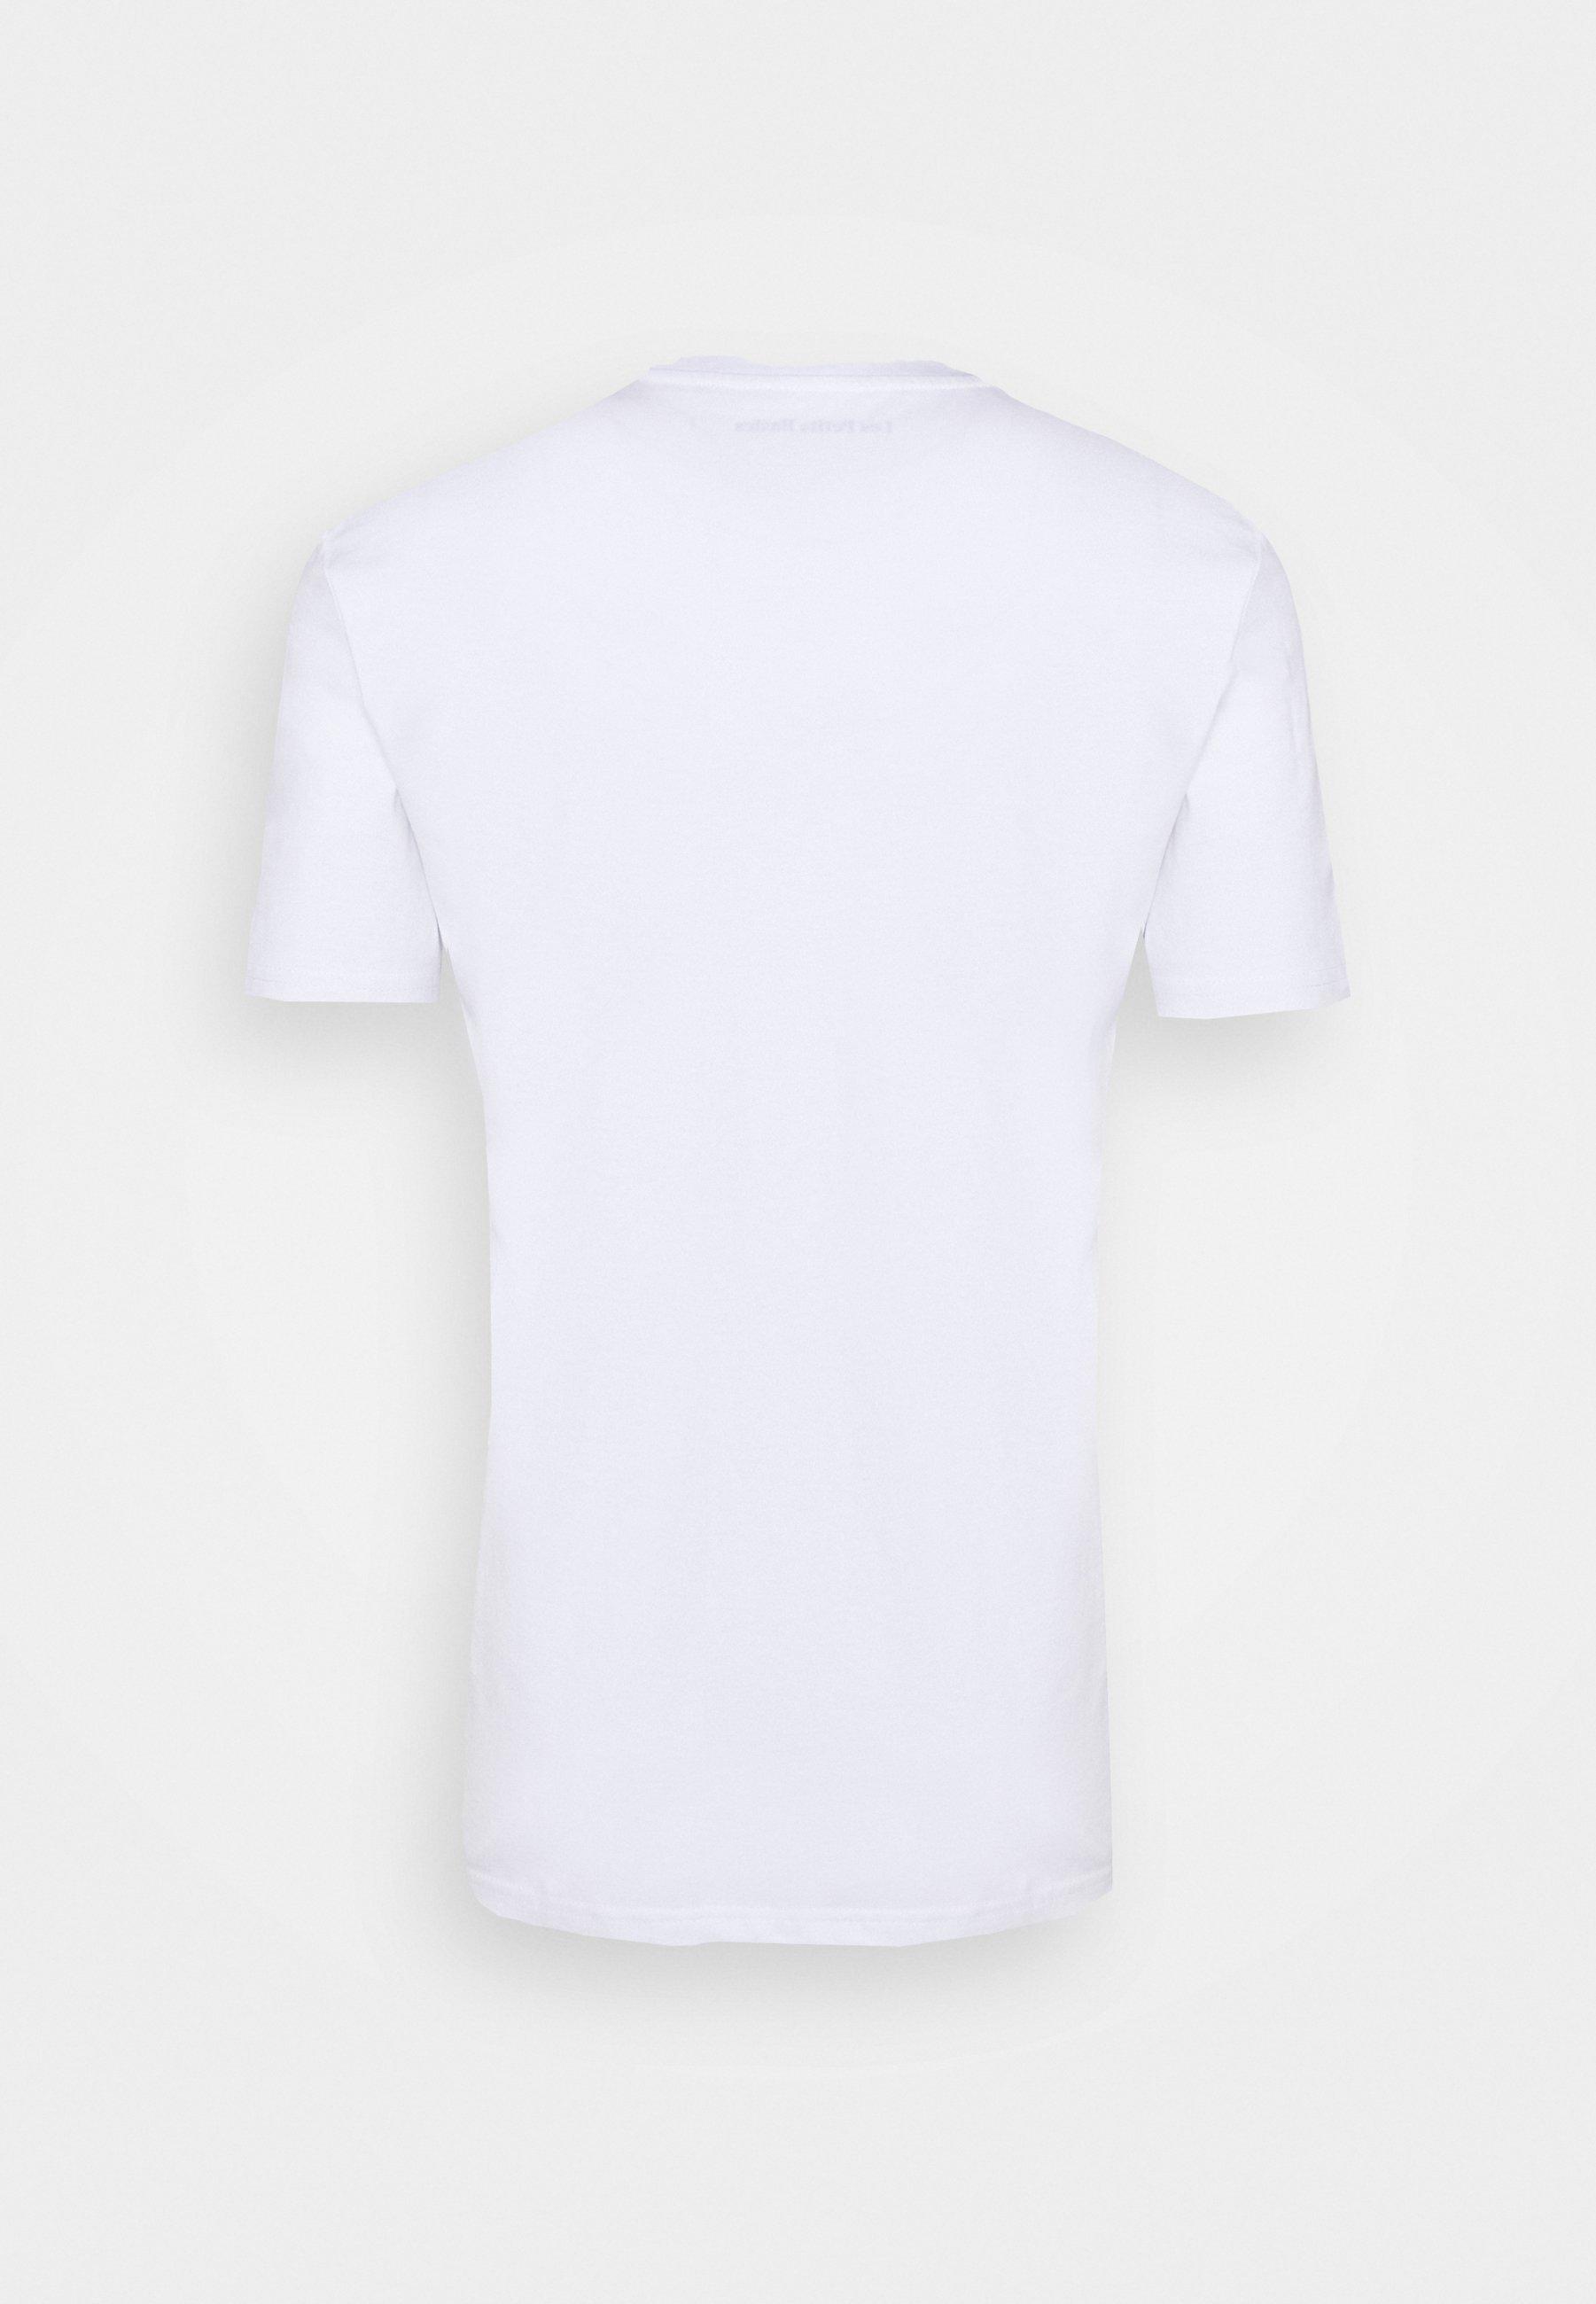 Homme LIBERTE EGALITE CAFE UNISEX - T-shirt imprimé